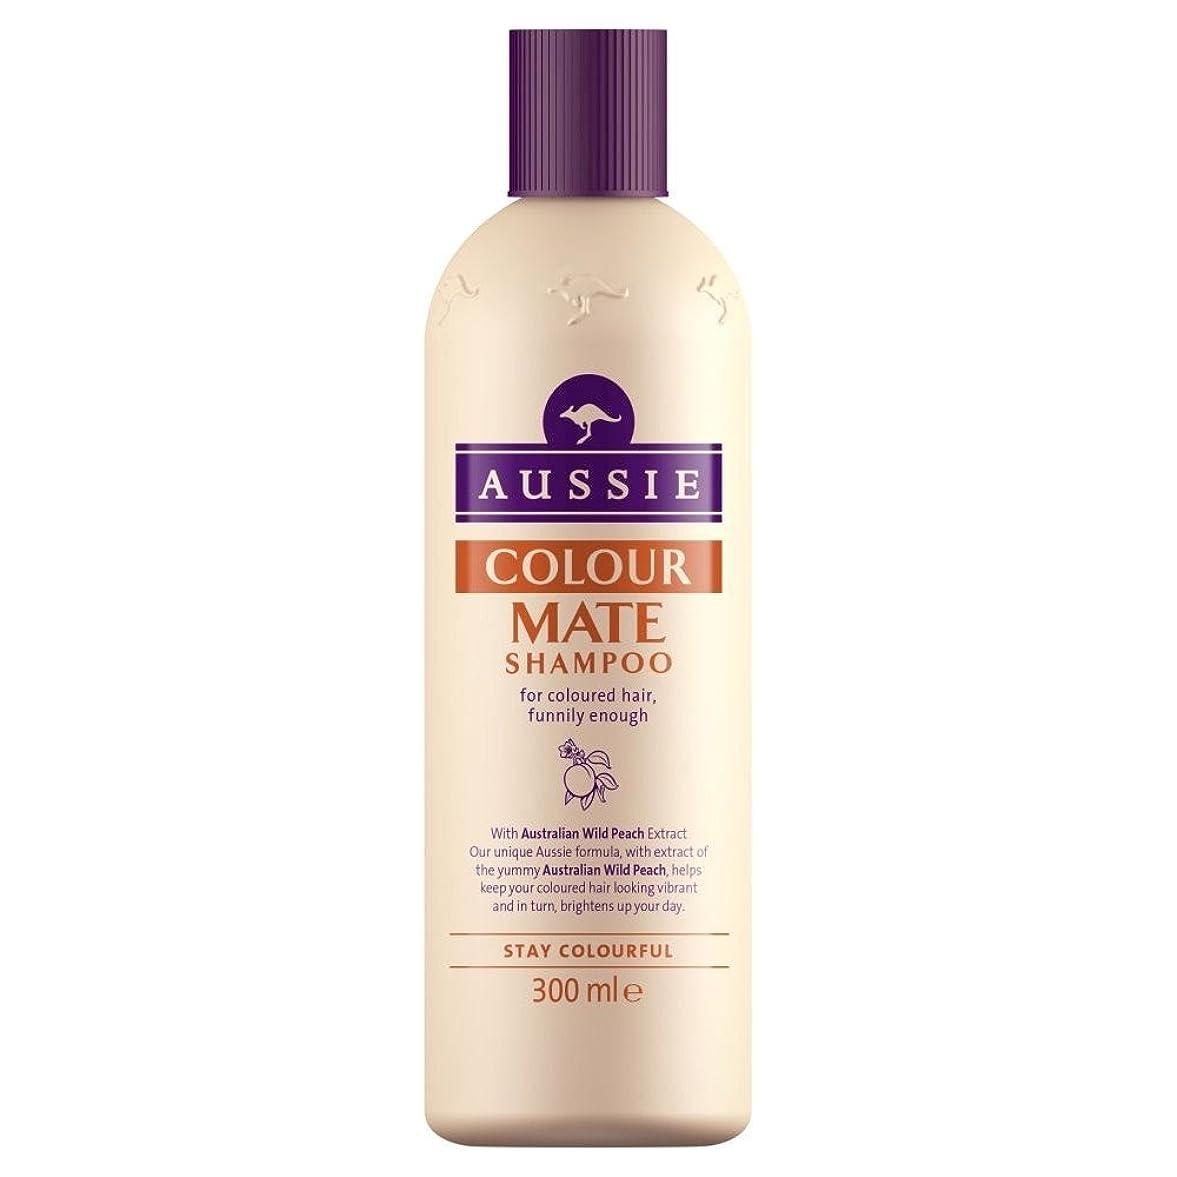 上院議員小道訪問Aussie Colour Mate Shampoo (300ml) オージーカラーメイトシャンプー( 300ミリリットル) [並行輸入品]